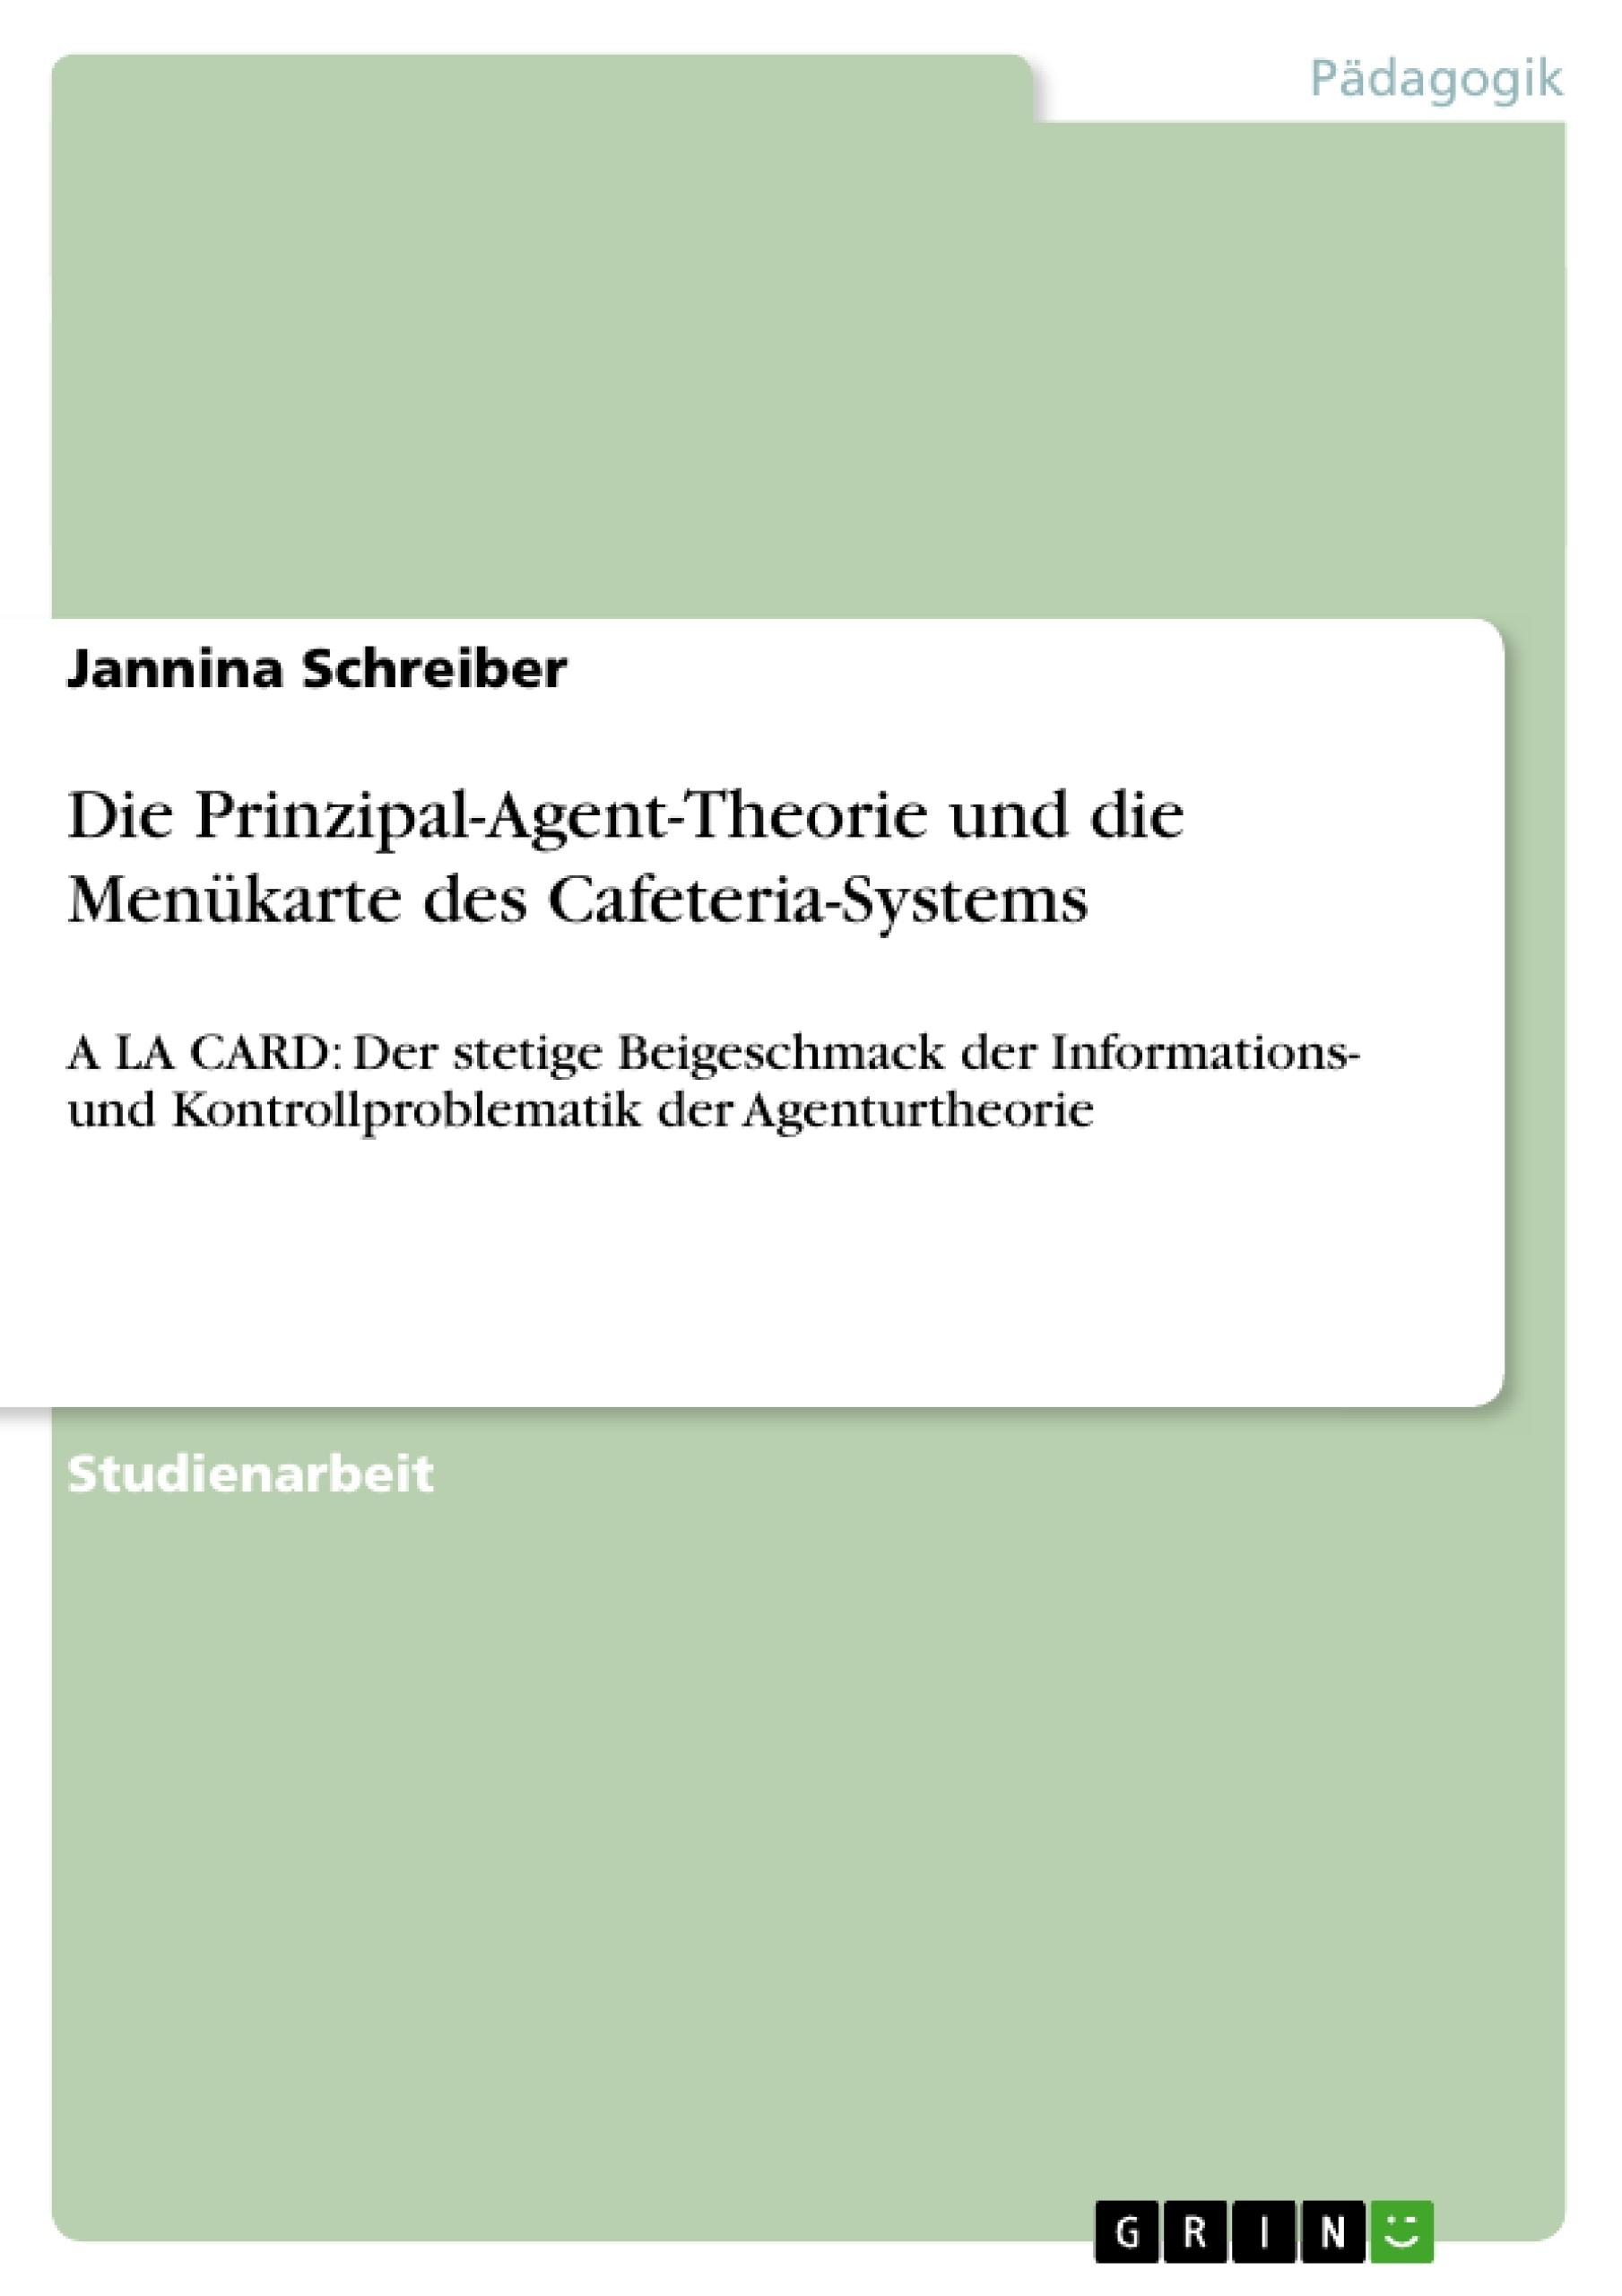 Titel: Die Prinzipal-Agent-Theorie und die Menükarte des Cafeteria-Systems